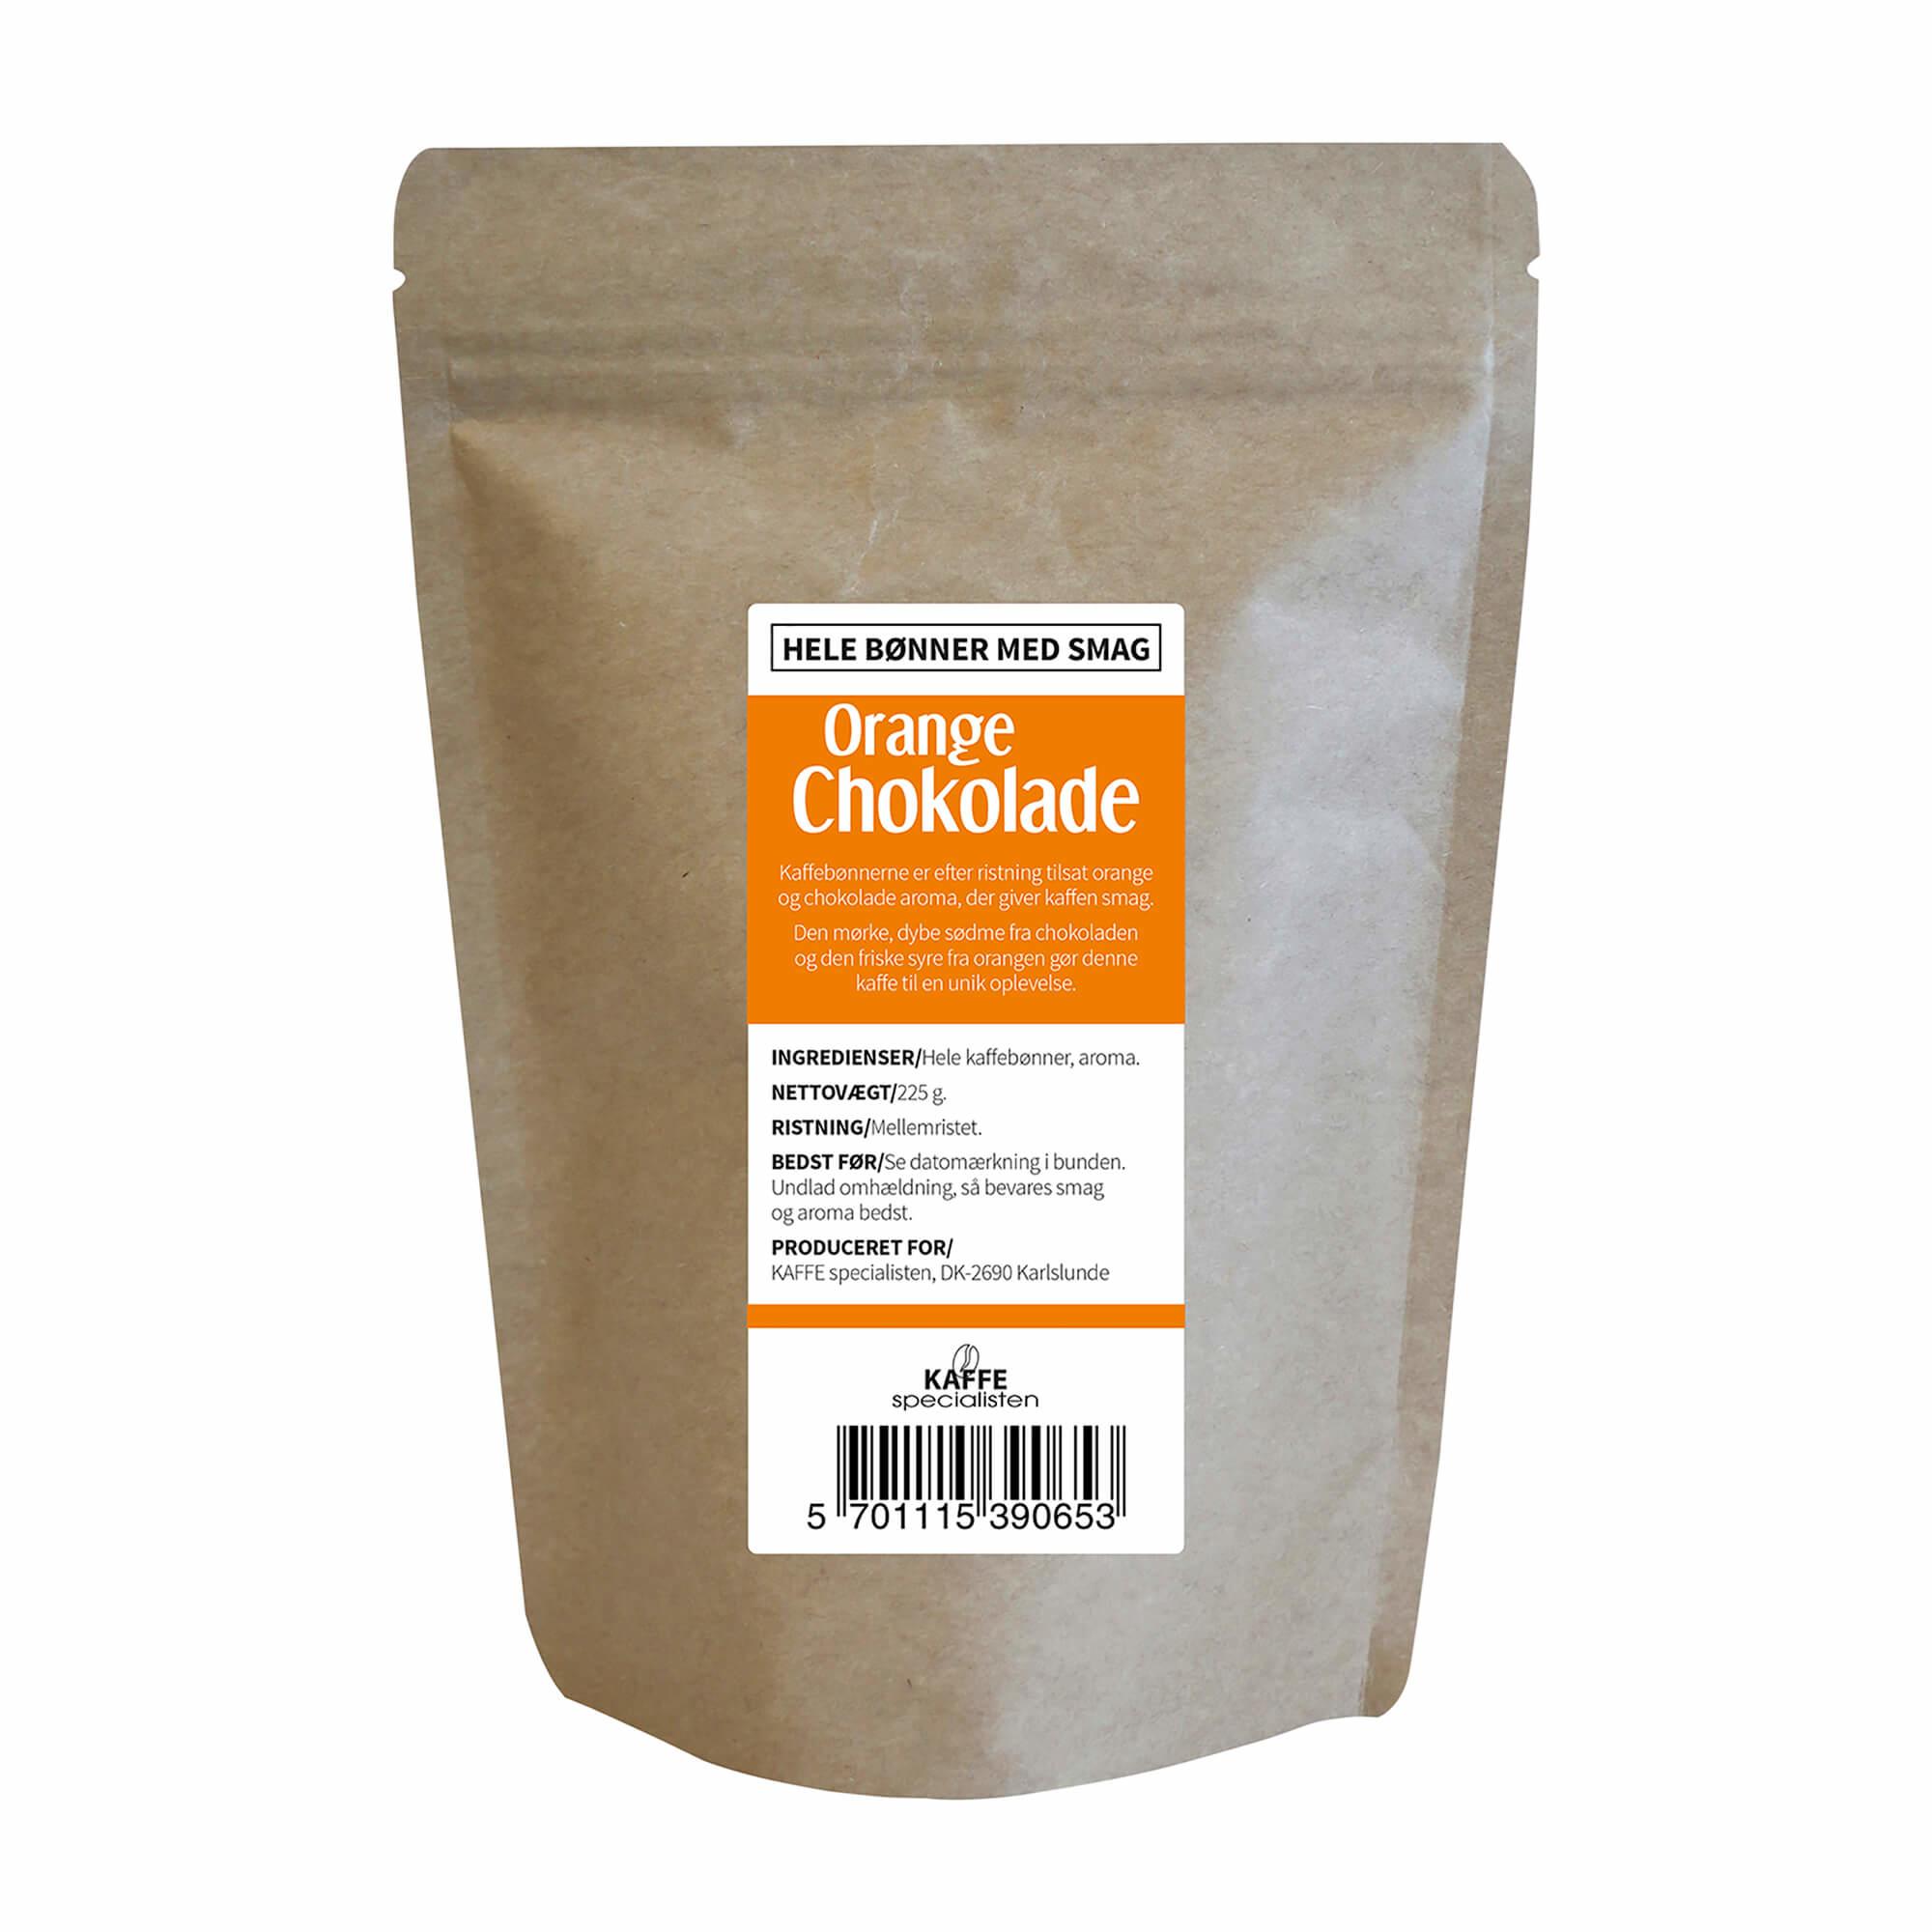 KAFFE Specialisten Kaffebønner Choko Orange Smag